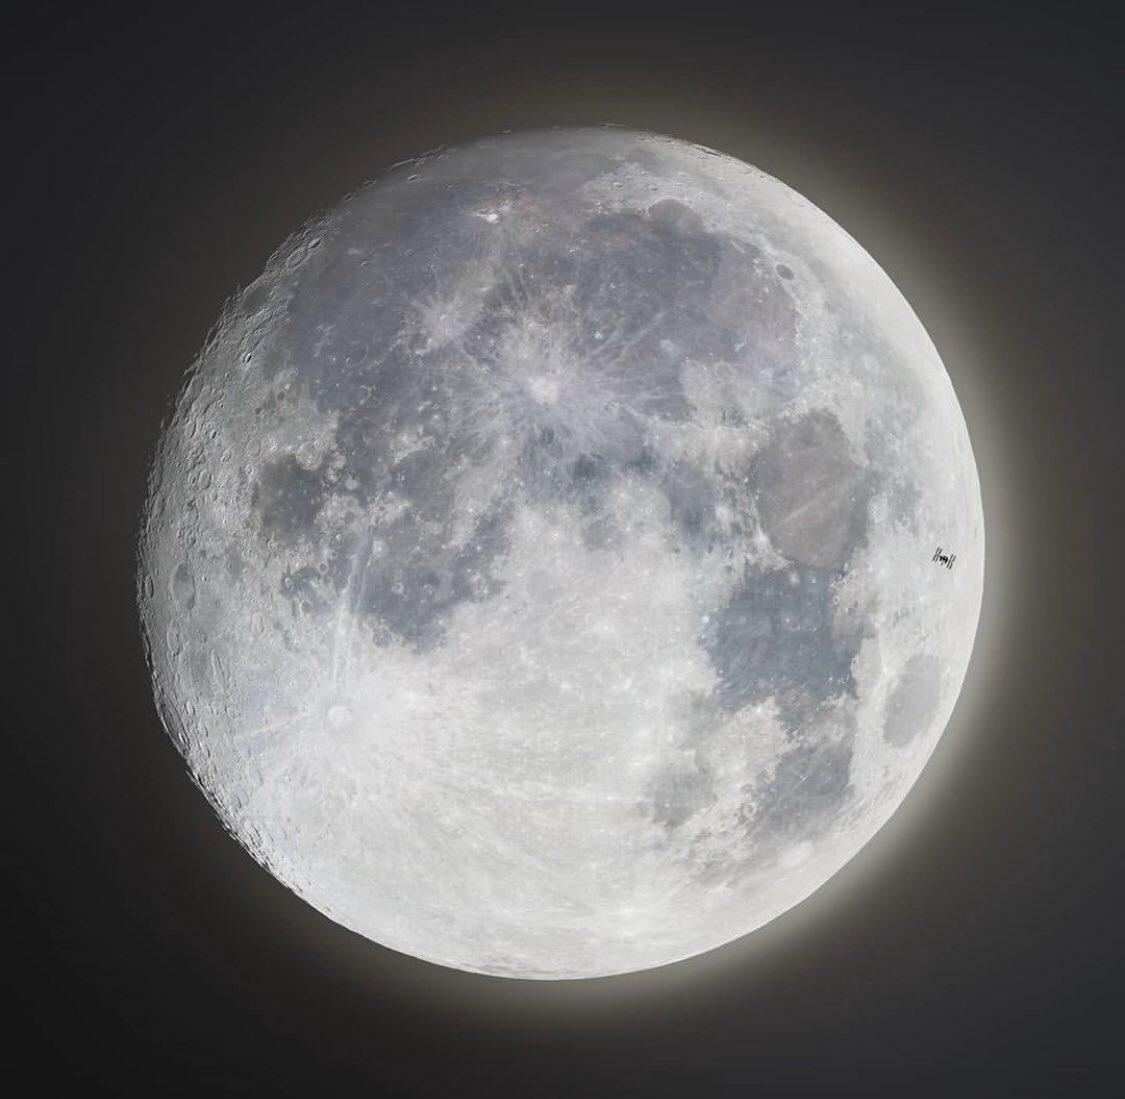 Tránsito de la Estación Espacial Internacional por la Luna 👩🚀🛰️🌕  via: cosmic_background https://t.co/ZtYX7Xb53q